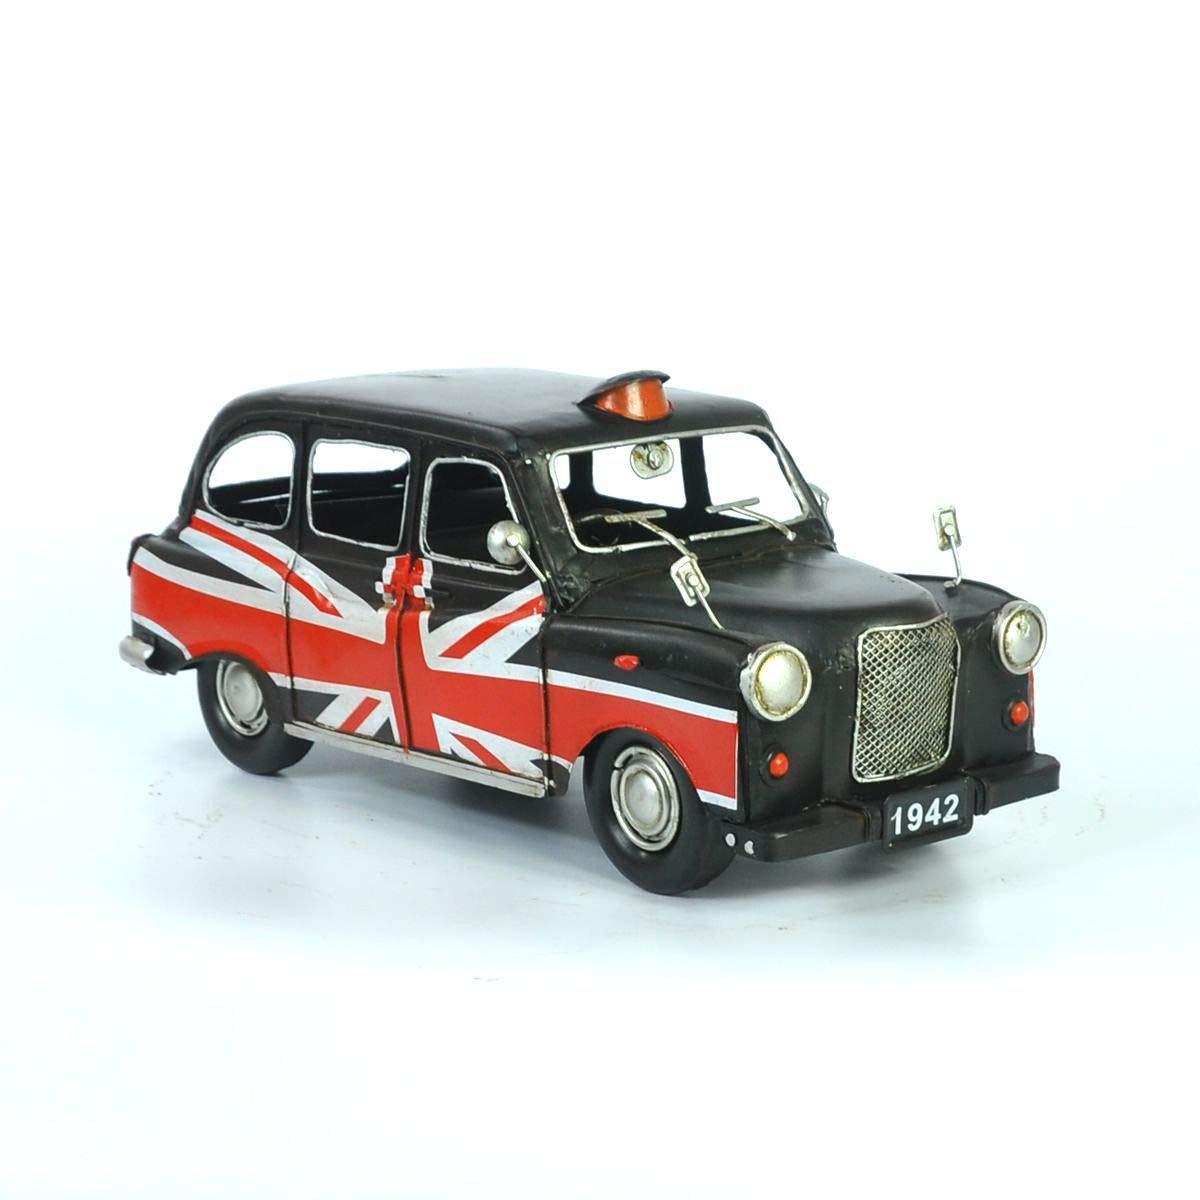 VJUKUB Modelo Negro Antiguo del Taxi de Austin, 1966 hojalata Hecho a Mano Arte Retro del Hierro hogar del Coche decoración de la decoración del arreglo de la fotografía los apoyos 32  13  12.5 cm